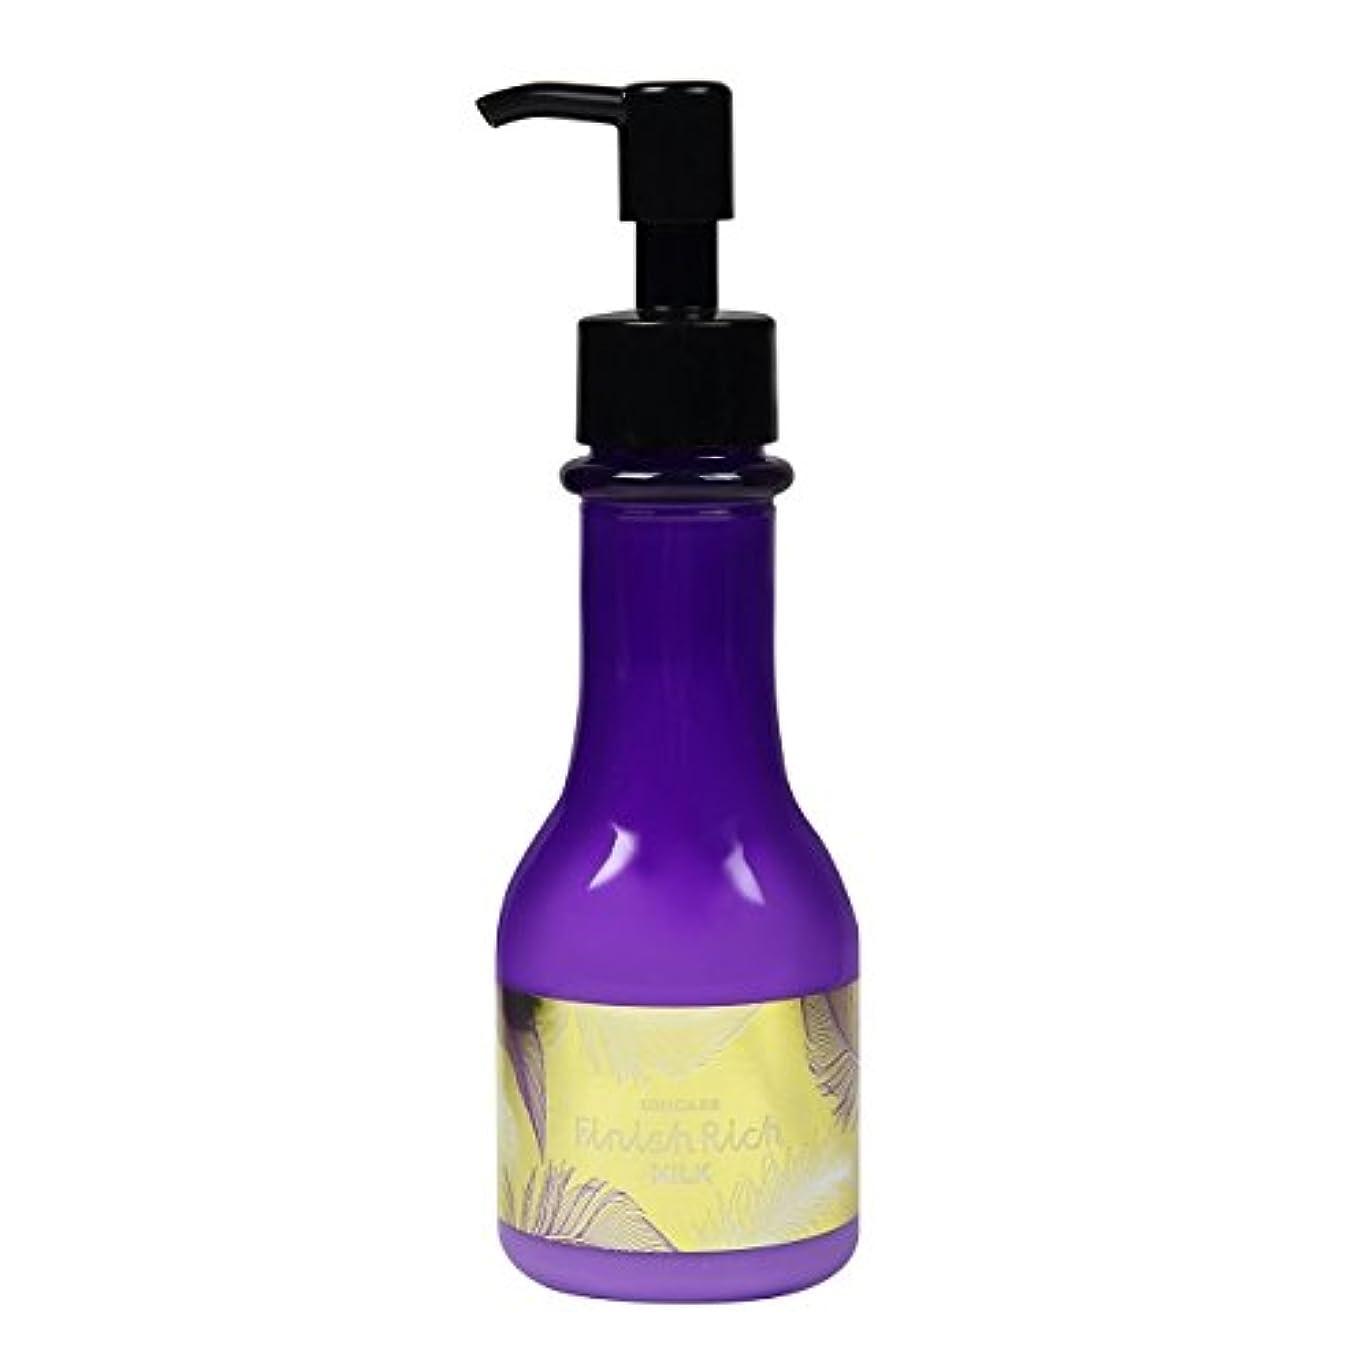 感謝している戦闘求めるユニケアー フィニッシュリッチミルク 120ml 洗い流さないヘアトリートメント